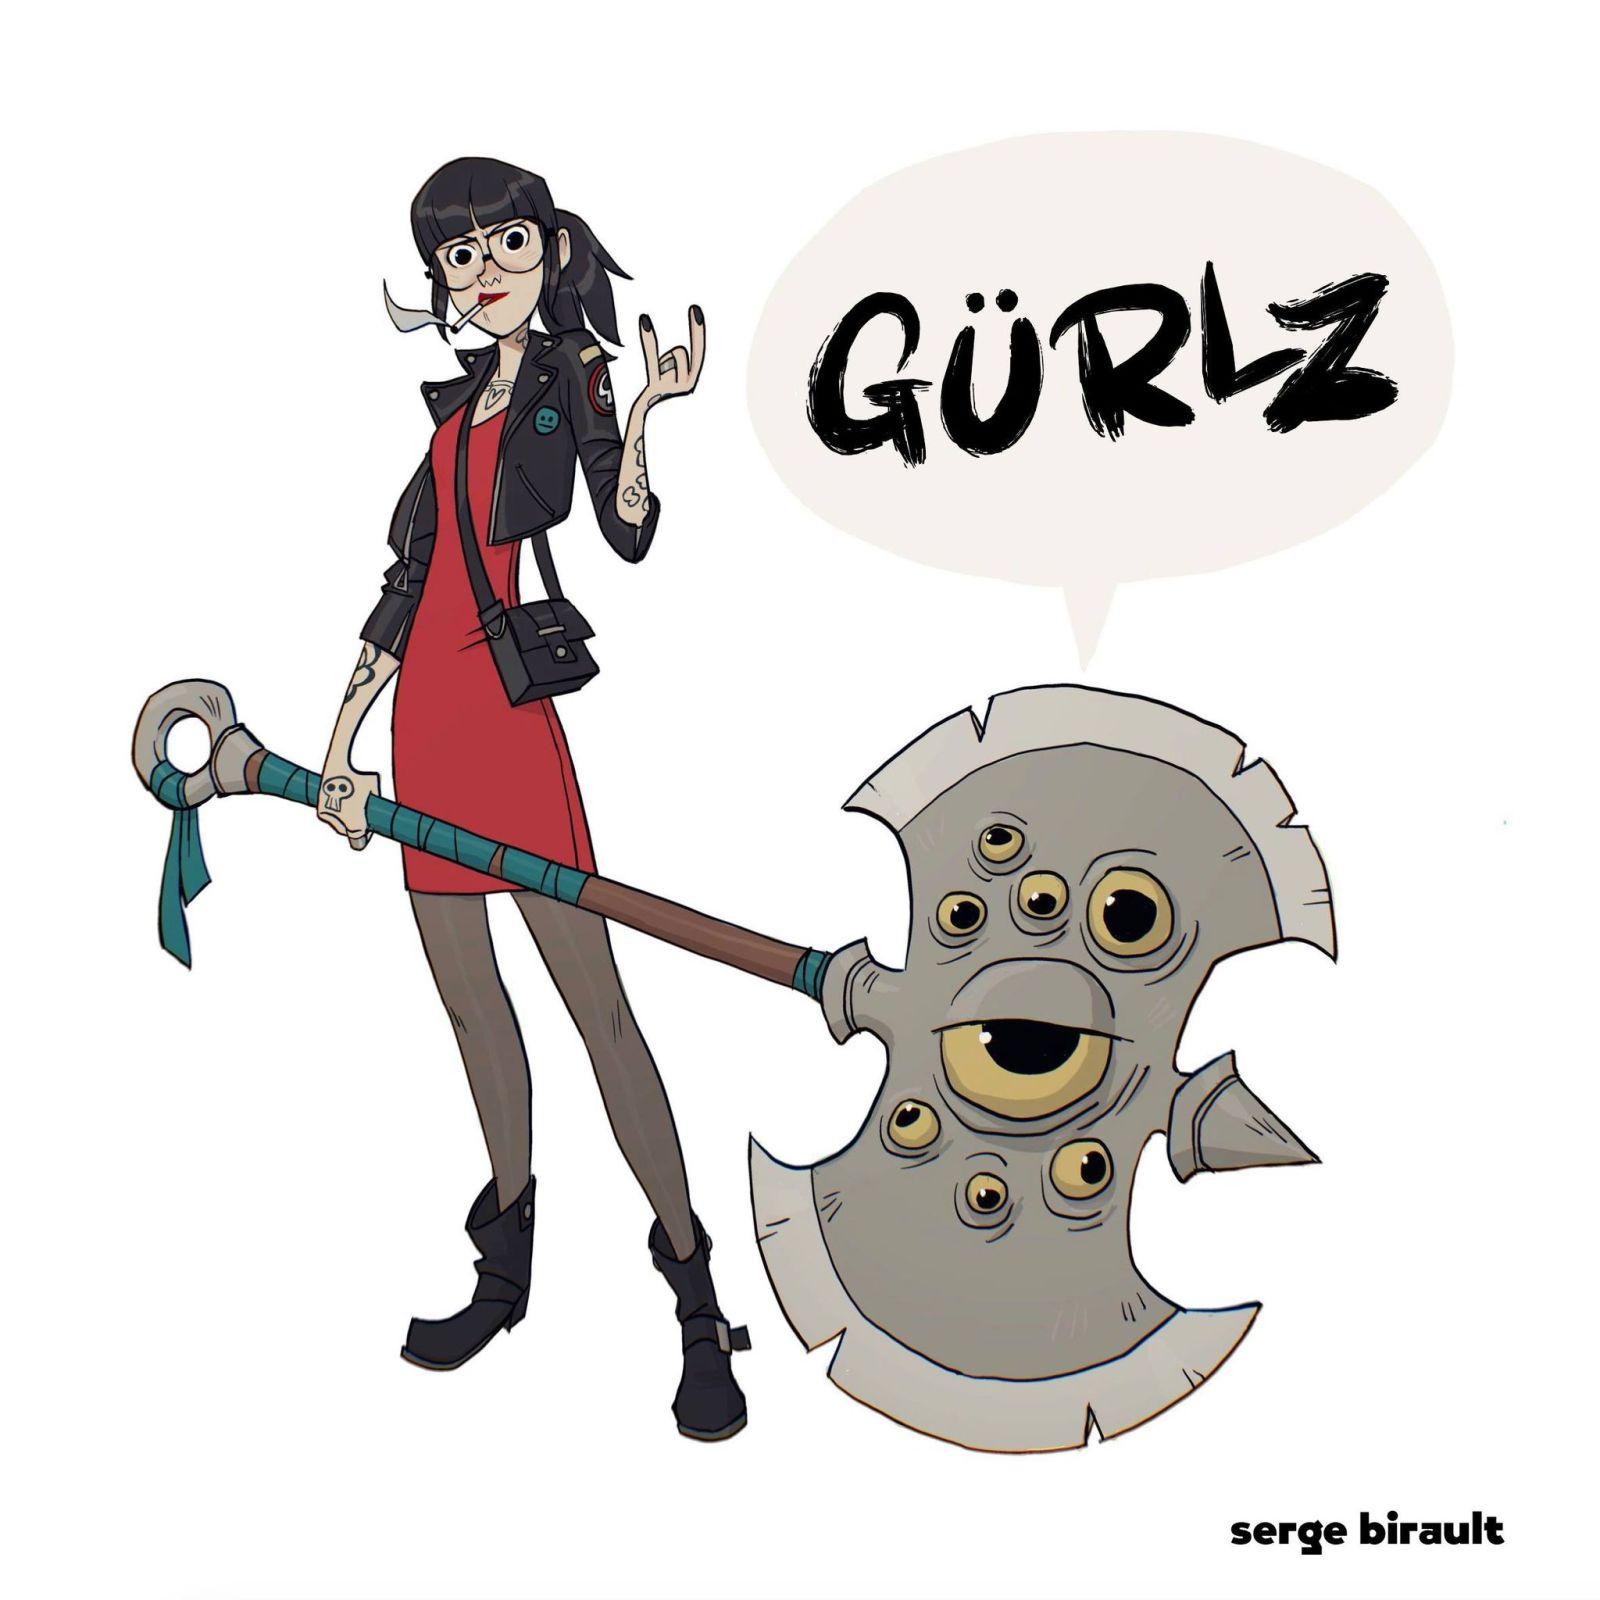 Gürlz : des femmes trop cools avec des armes.